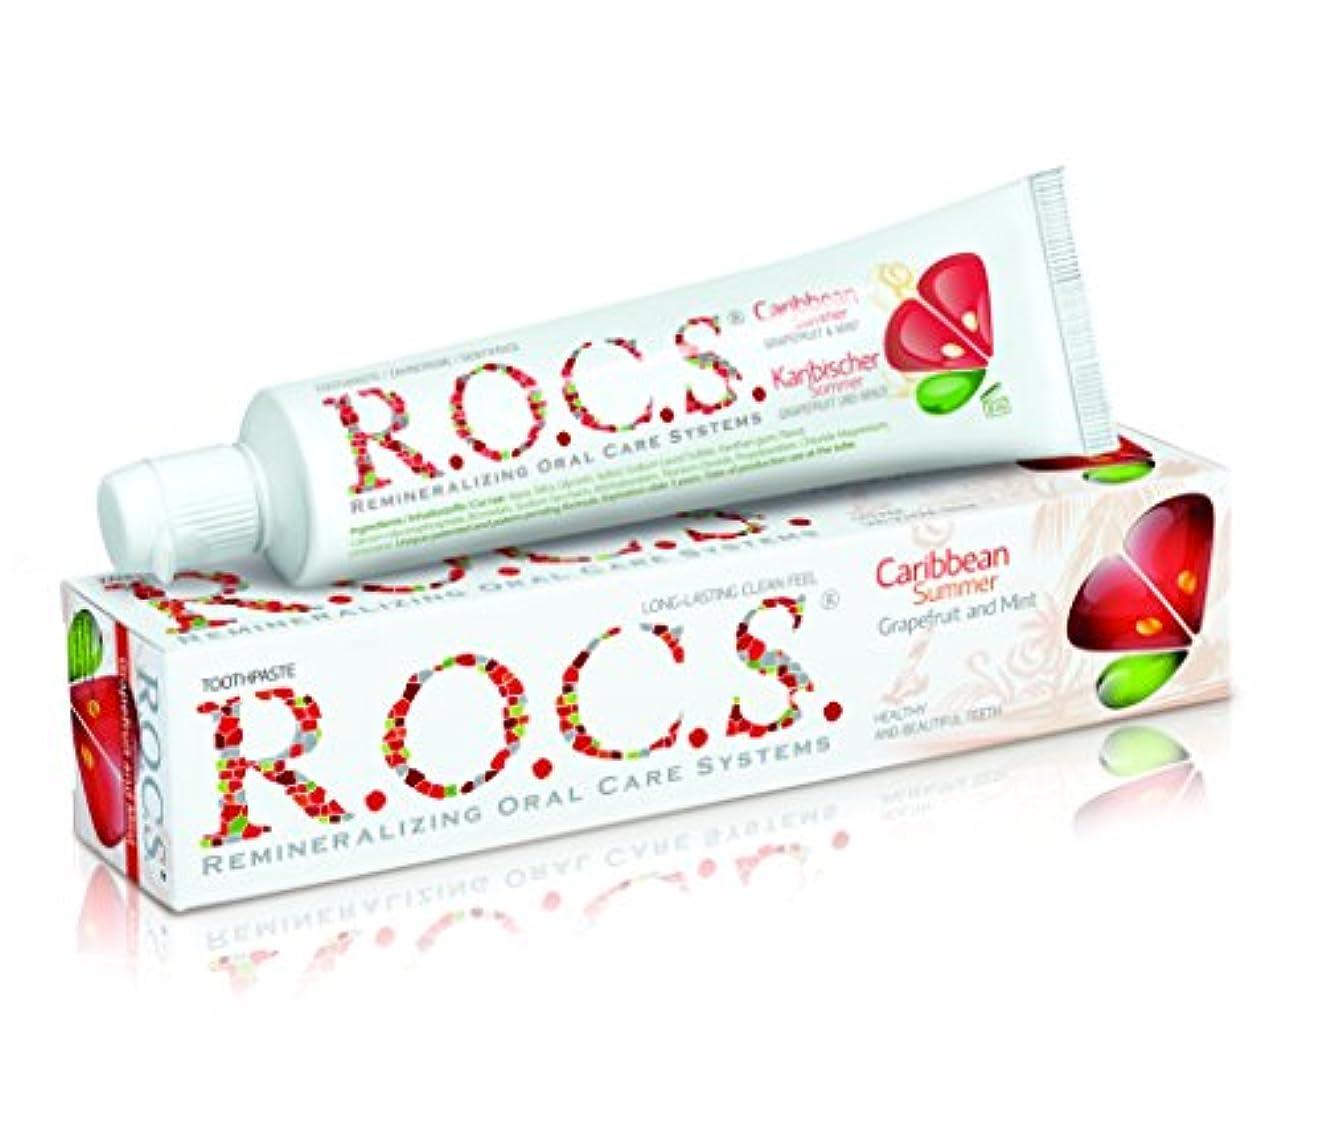 監督する繰り返し挨拶R.O.C.S. ロックス歯磨き粉 グレープフルーツ&ミント